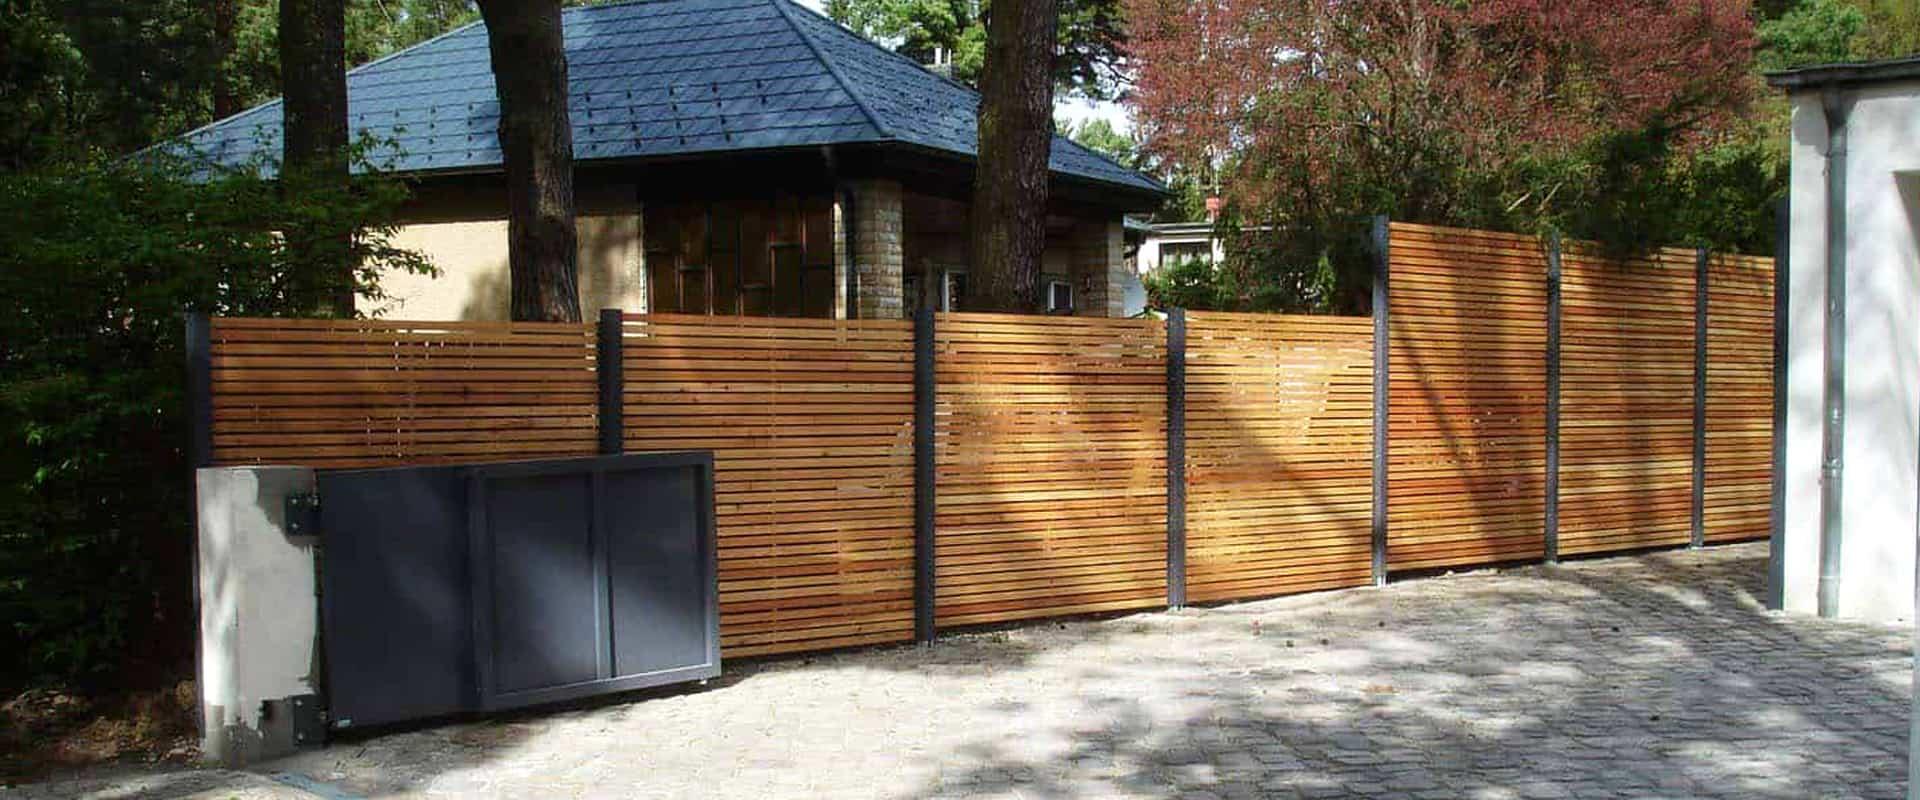 Sichtschutz Zaun Garten Terrasse Balkon Holz Metall kaufen ...